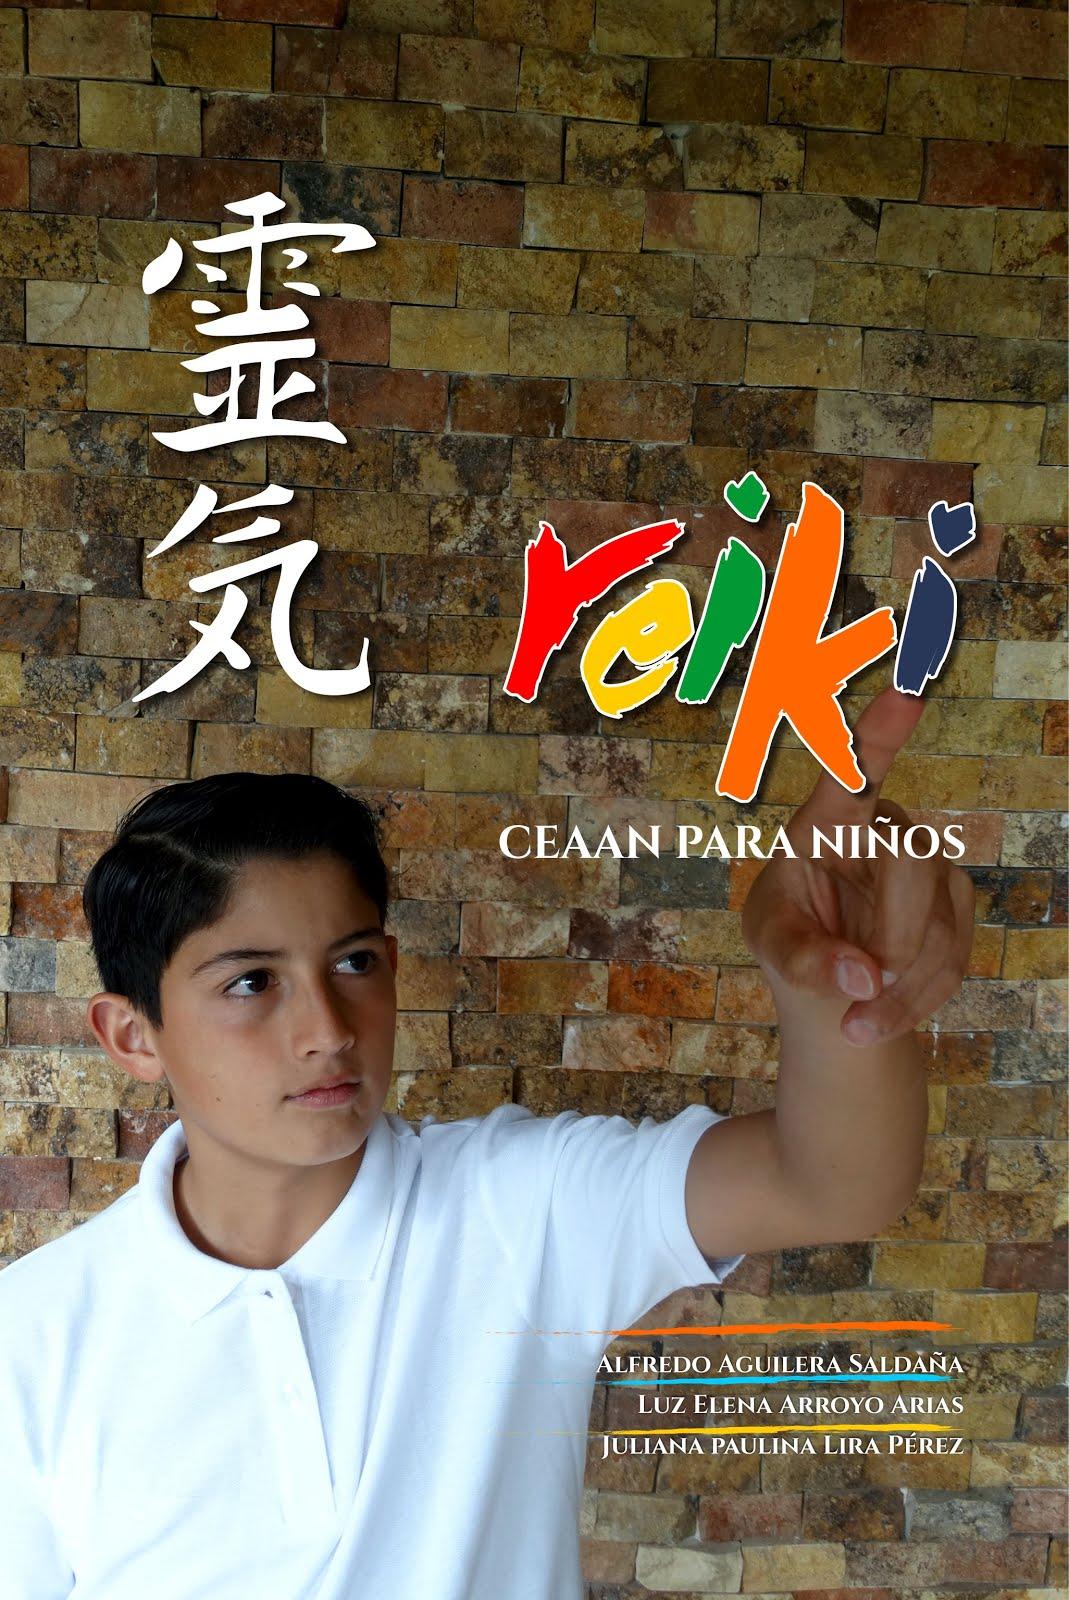 REIKI CEAAN PARA NIÑOS DE 7 A 12 AÑOS